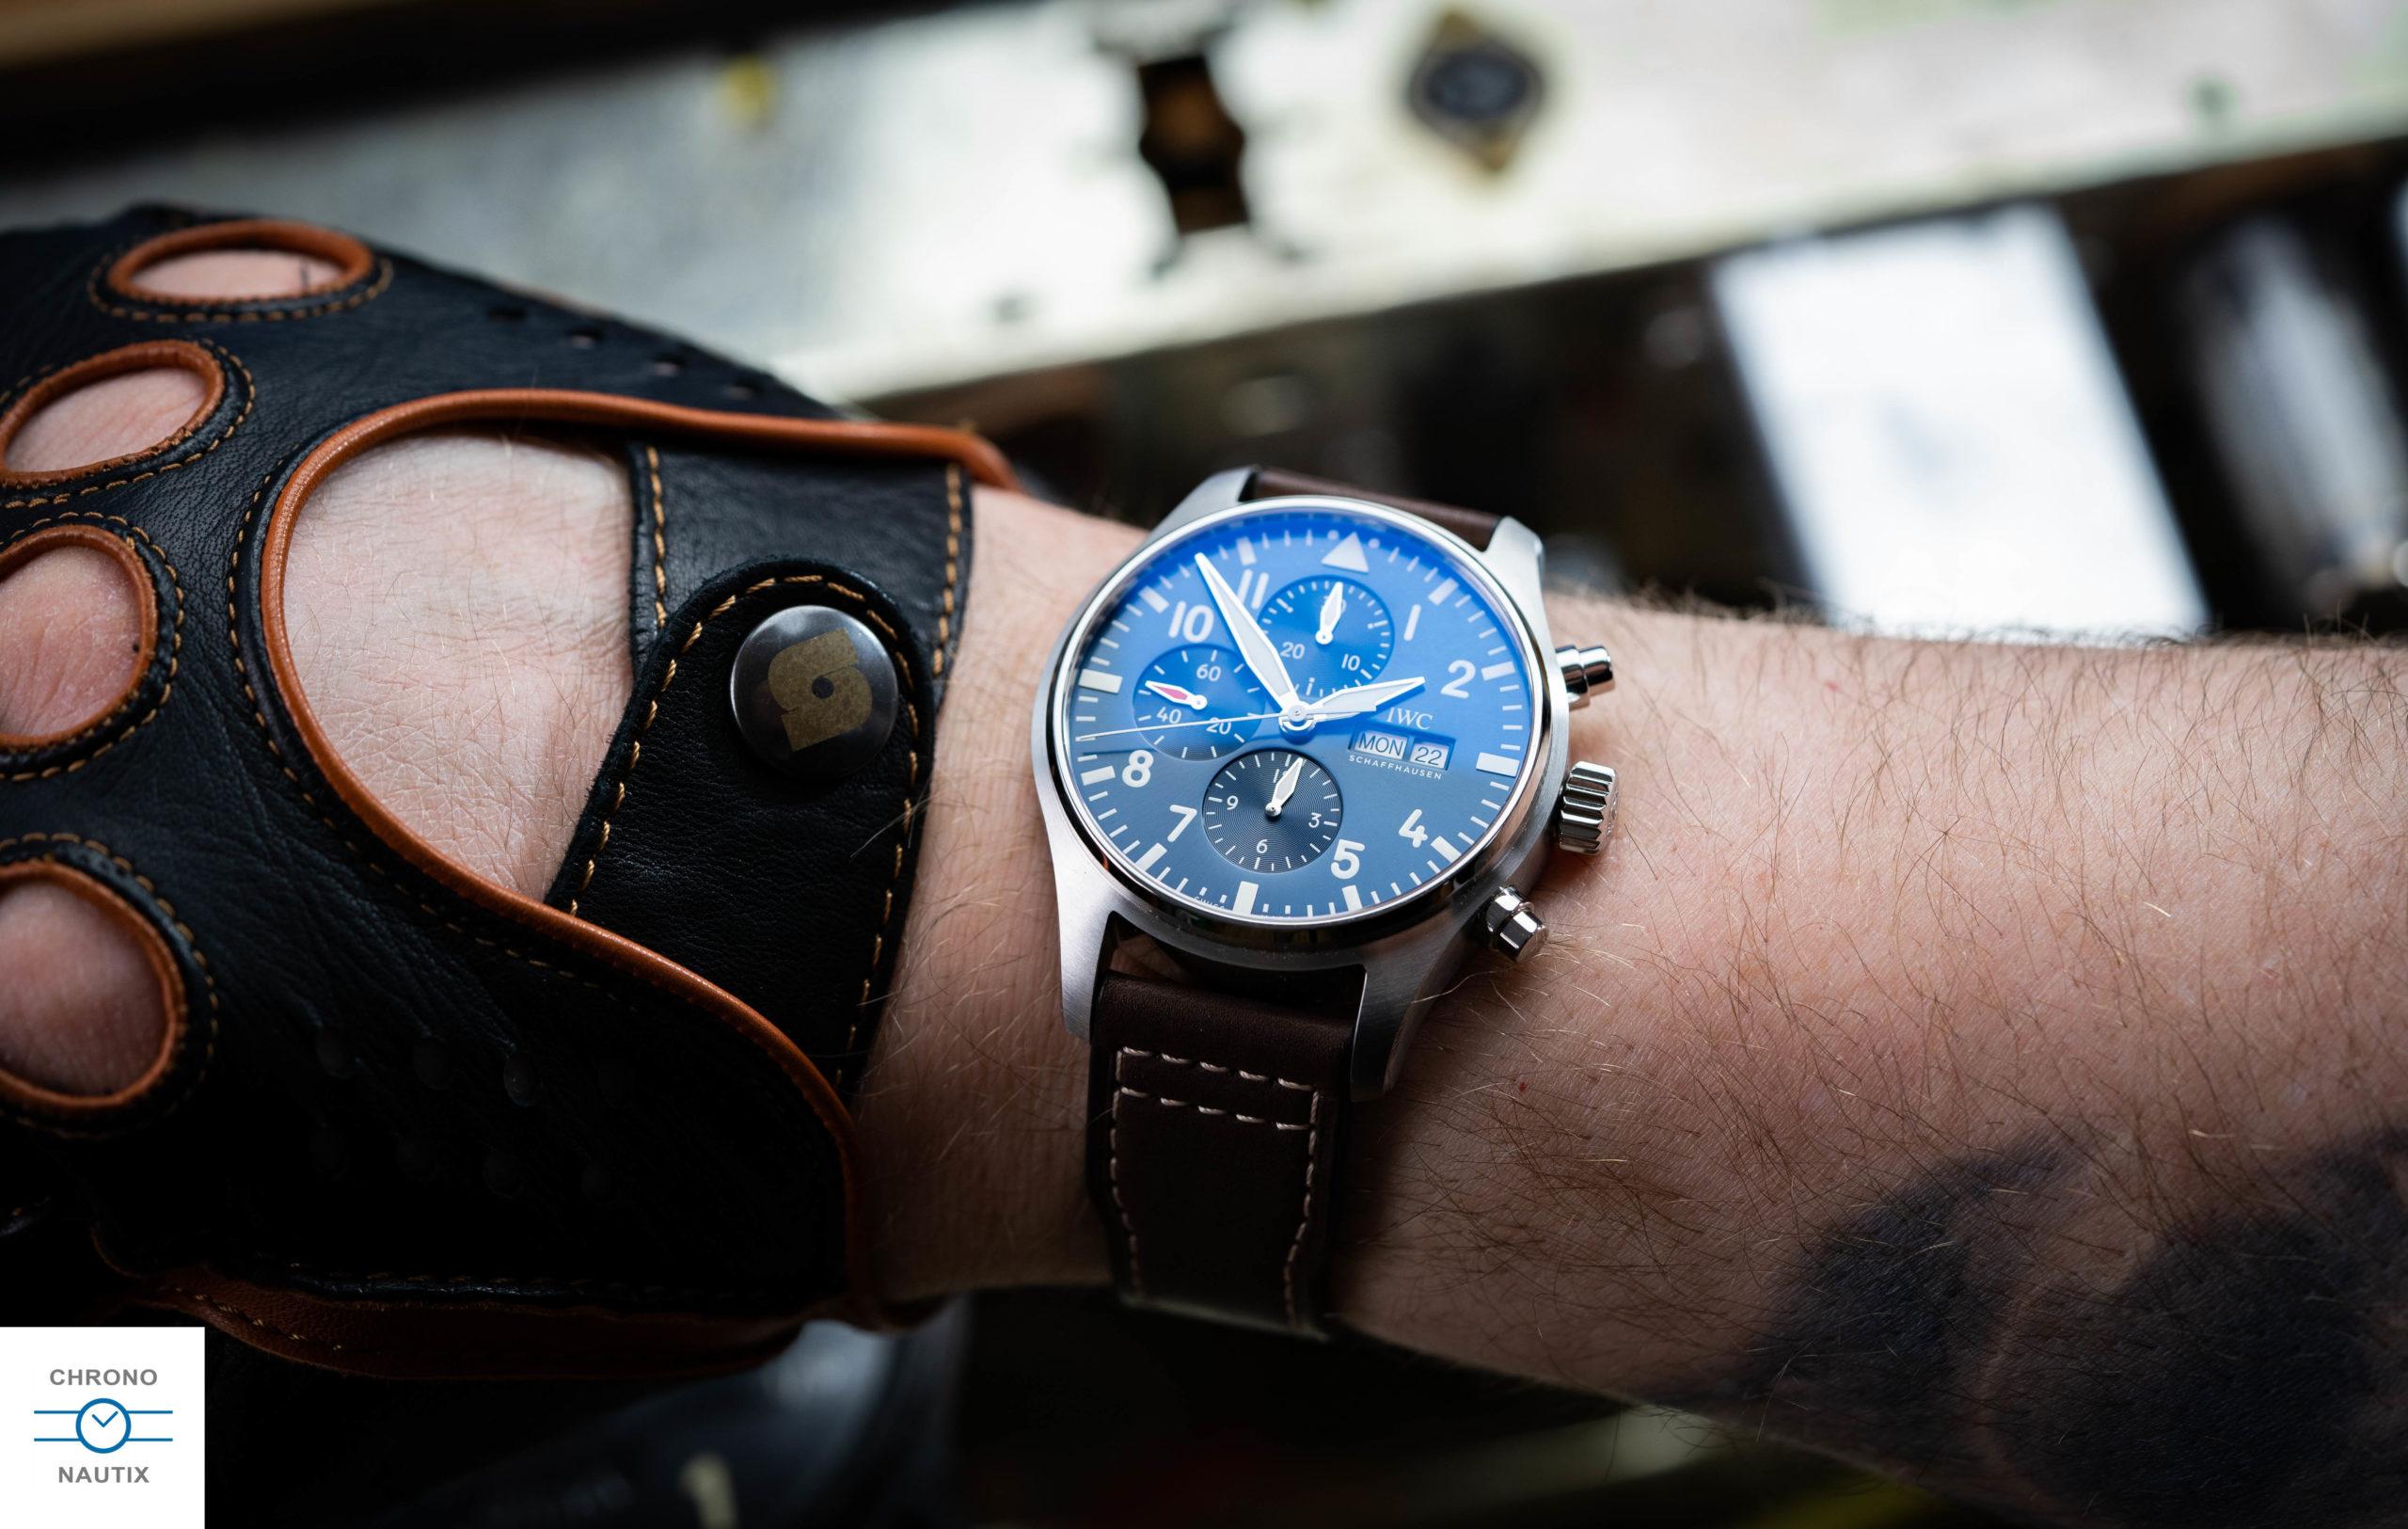 IWC-Pilot-Watch-Chronograph-Le-Petit-Prince-Test